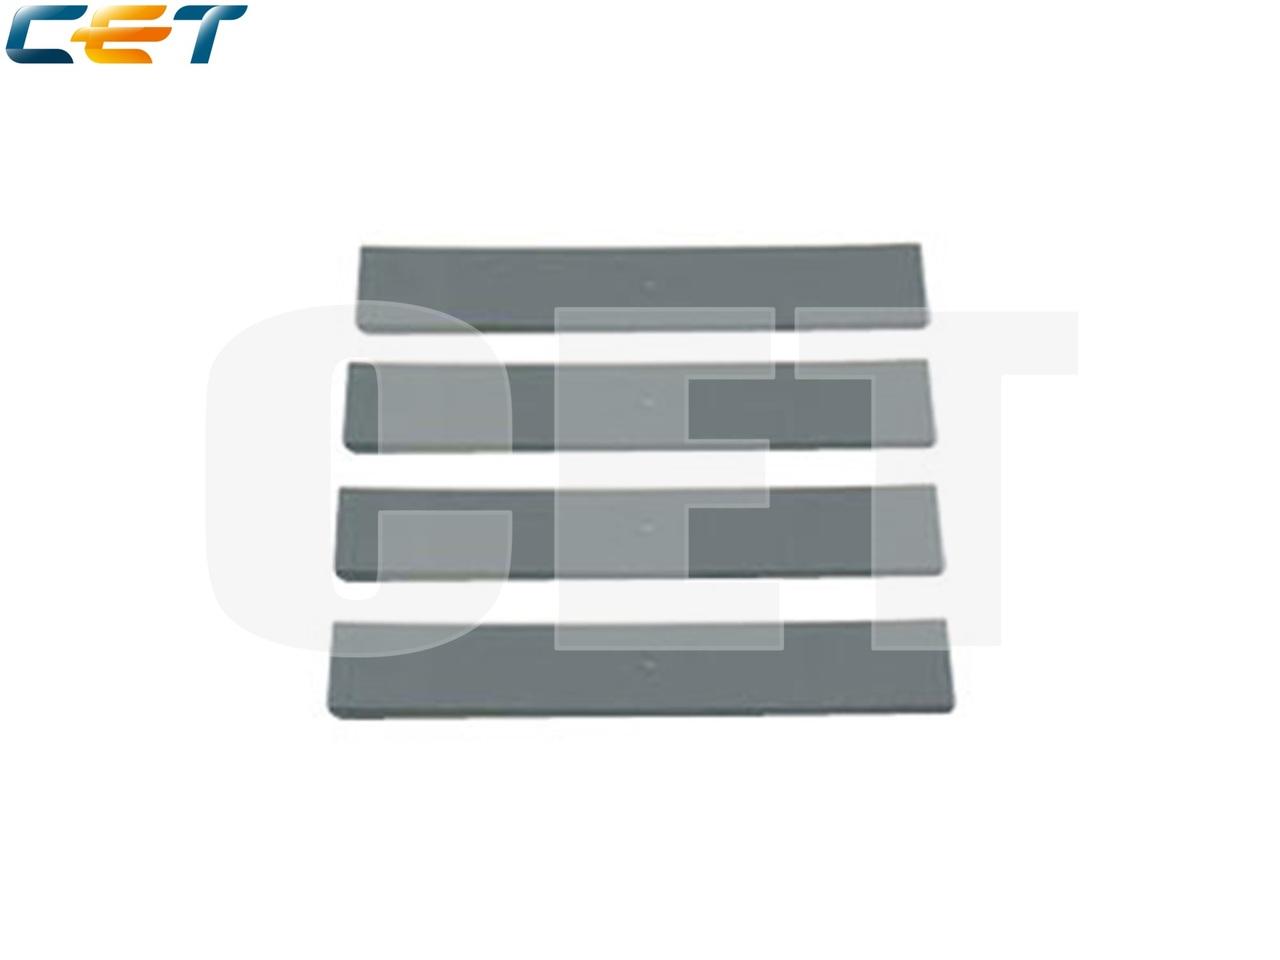 Резинка тормозной площадки JC73-00140A для SAMSUNGML-1510/1710/1740/1750 (CET), CET1205, CET1205R